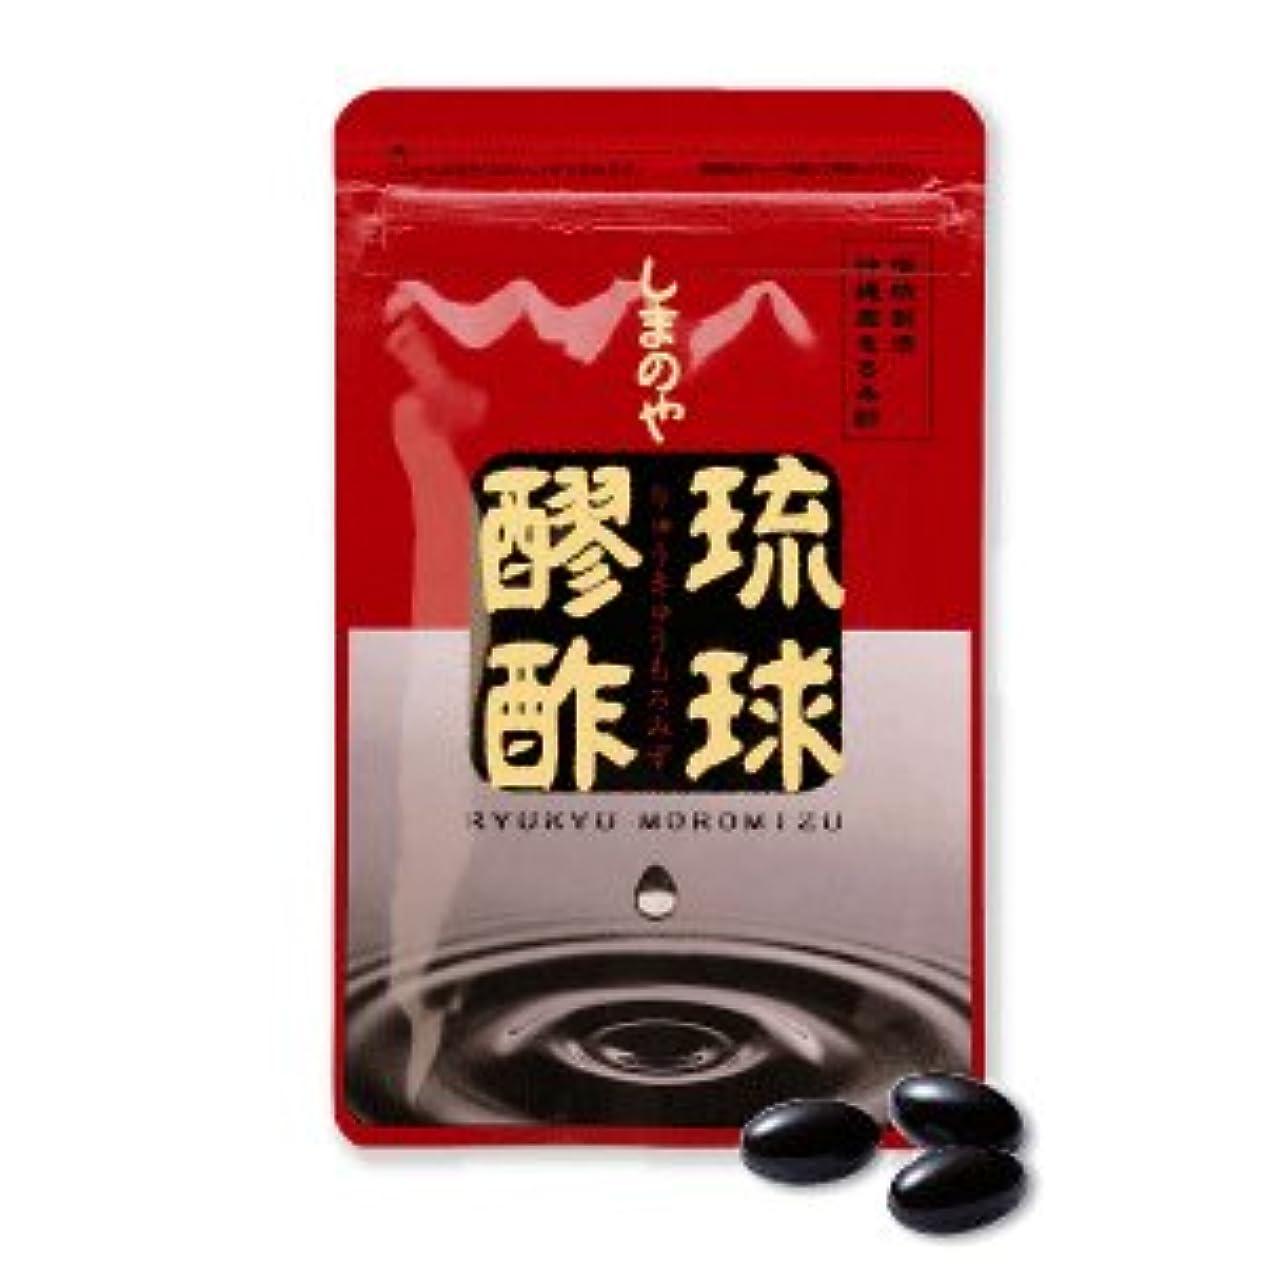 受賞バルブアクセサリーしまのや 琉球もろみ酢 93粒 クエン酸 アミノ酸たっぷり